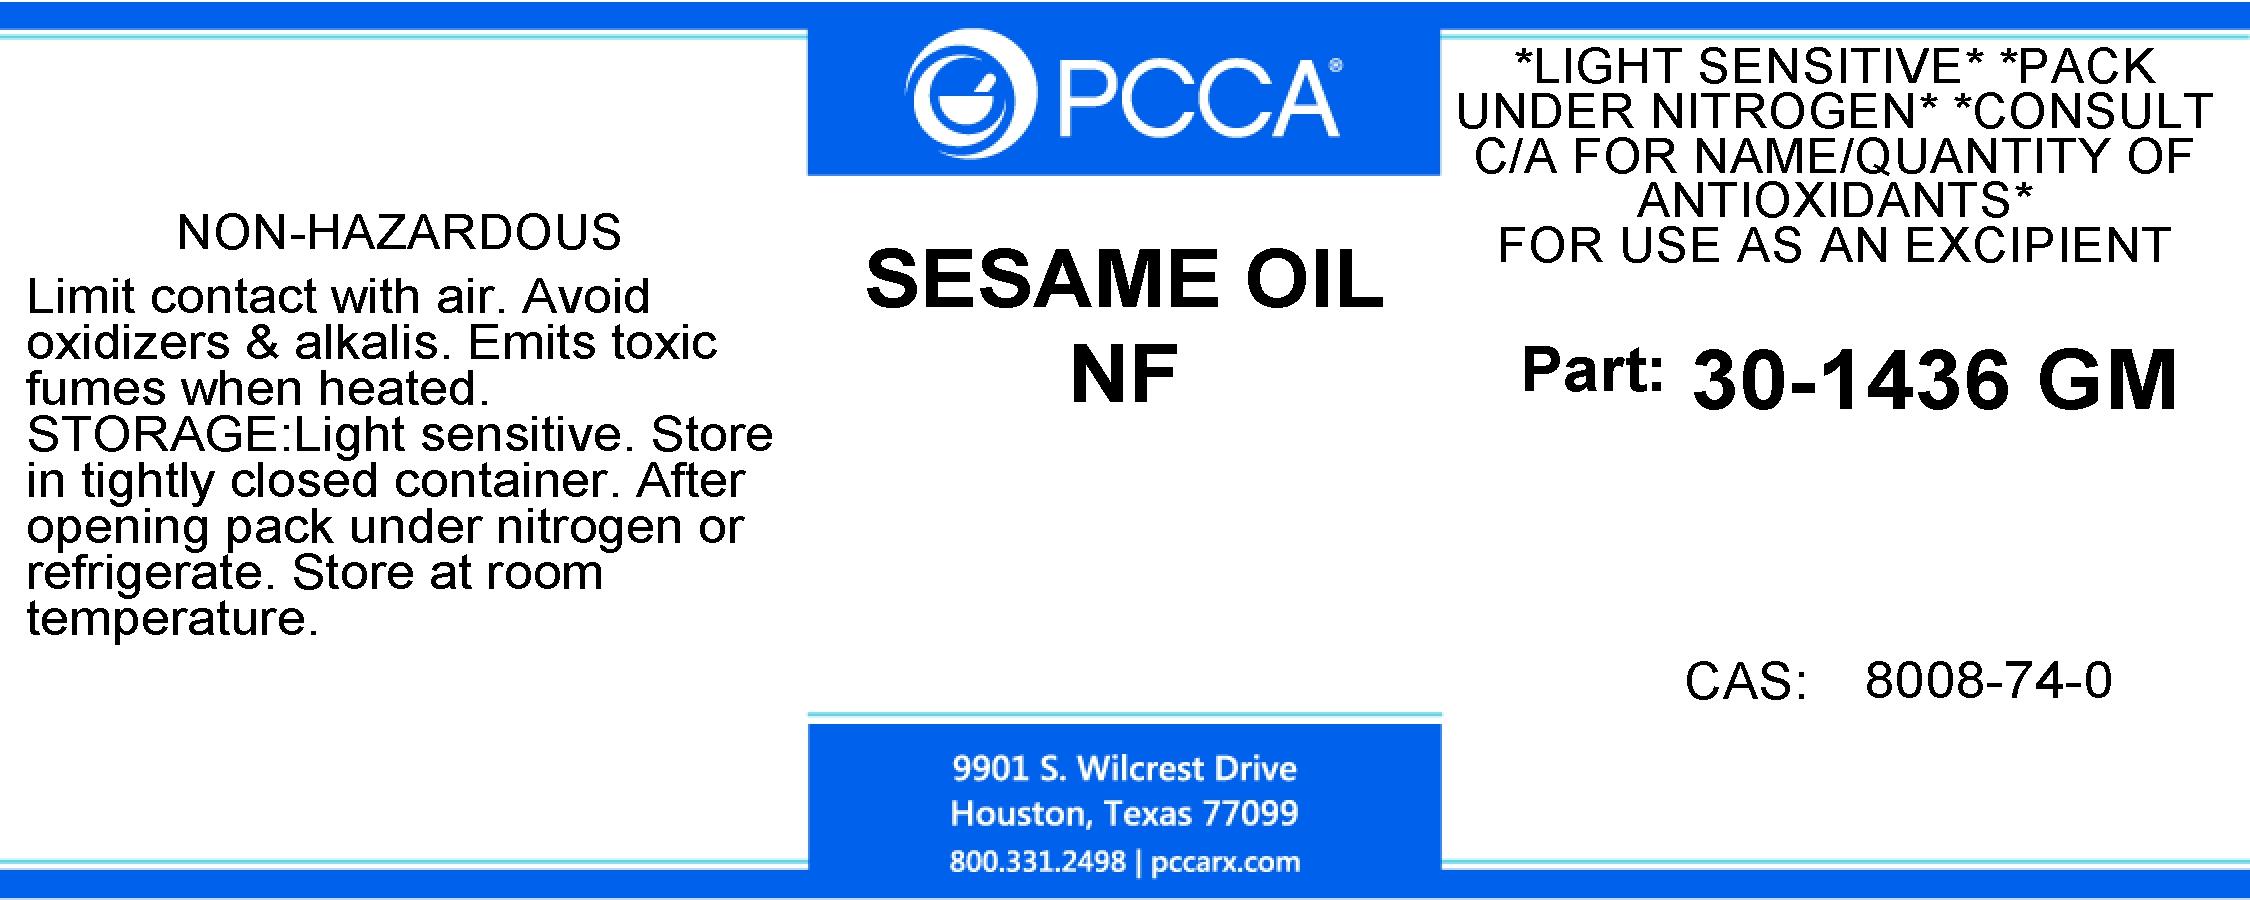 SESAME OIL NF - PCCA